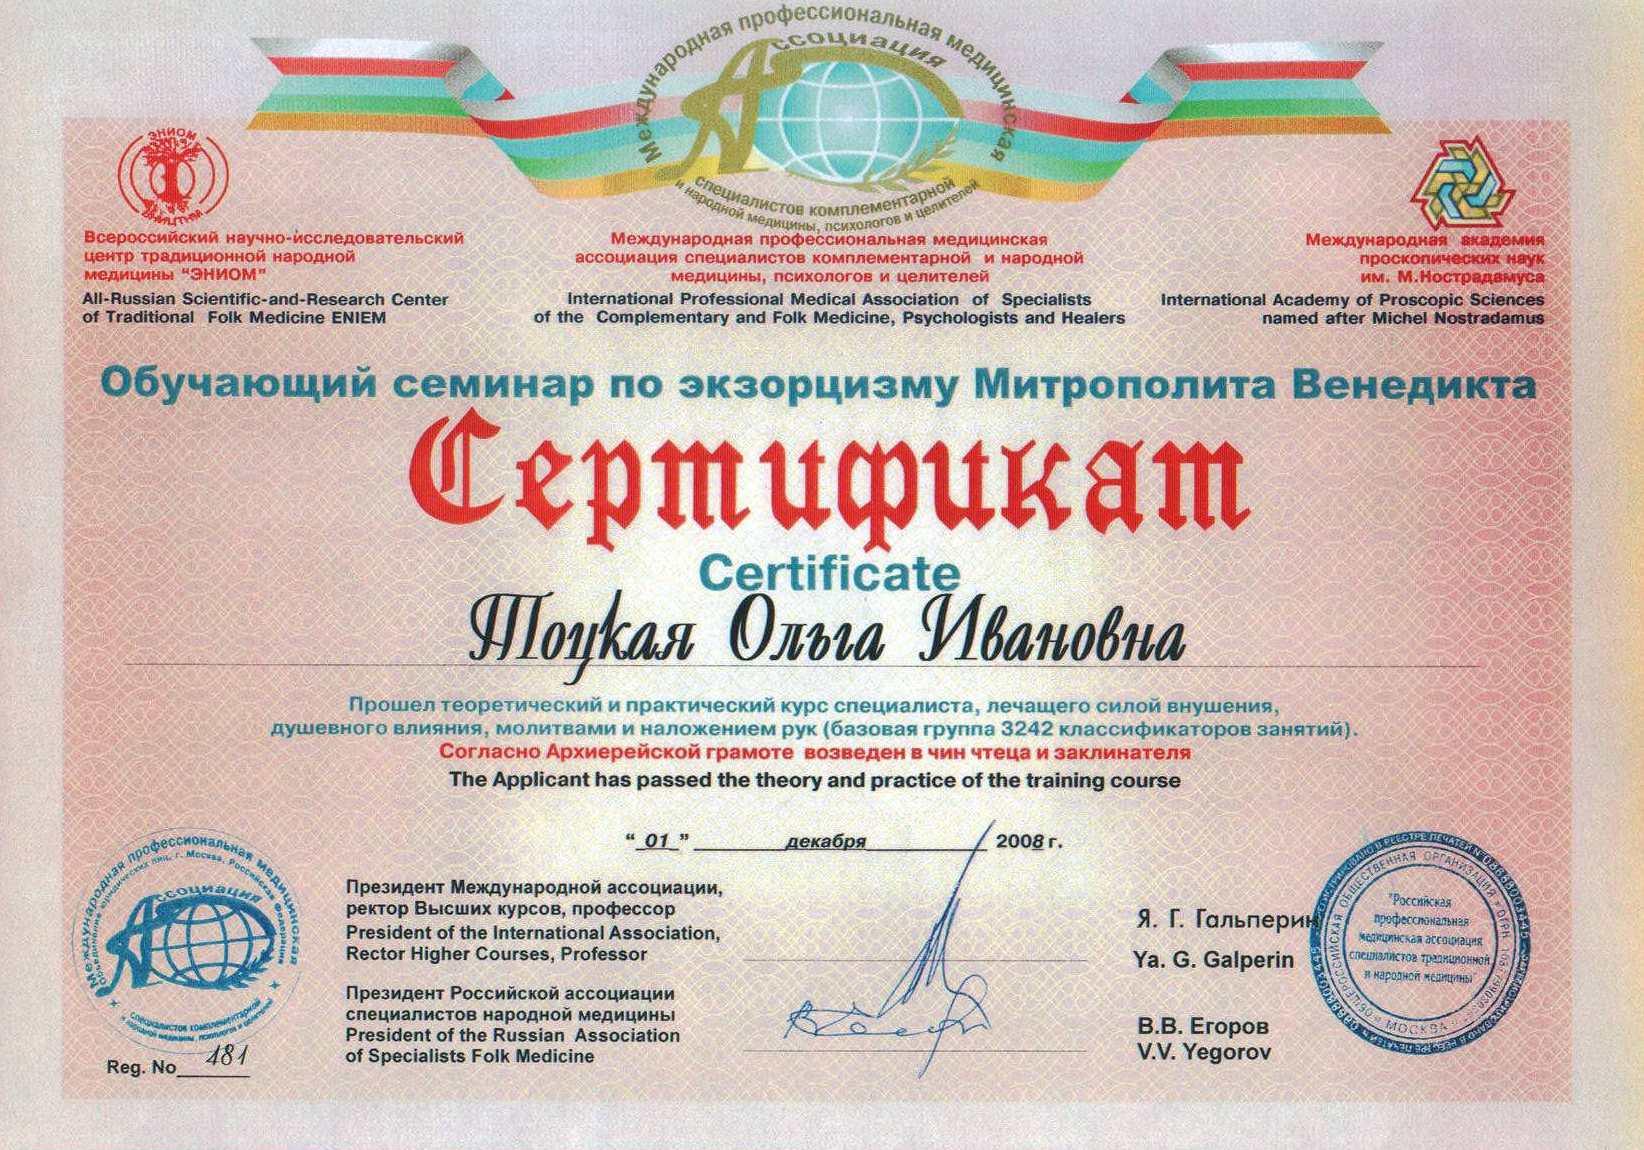 Сертификат о возведении в чин чтеца и заклинателя